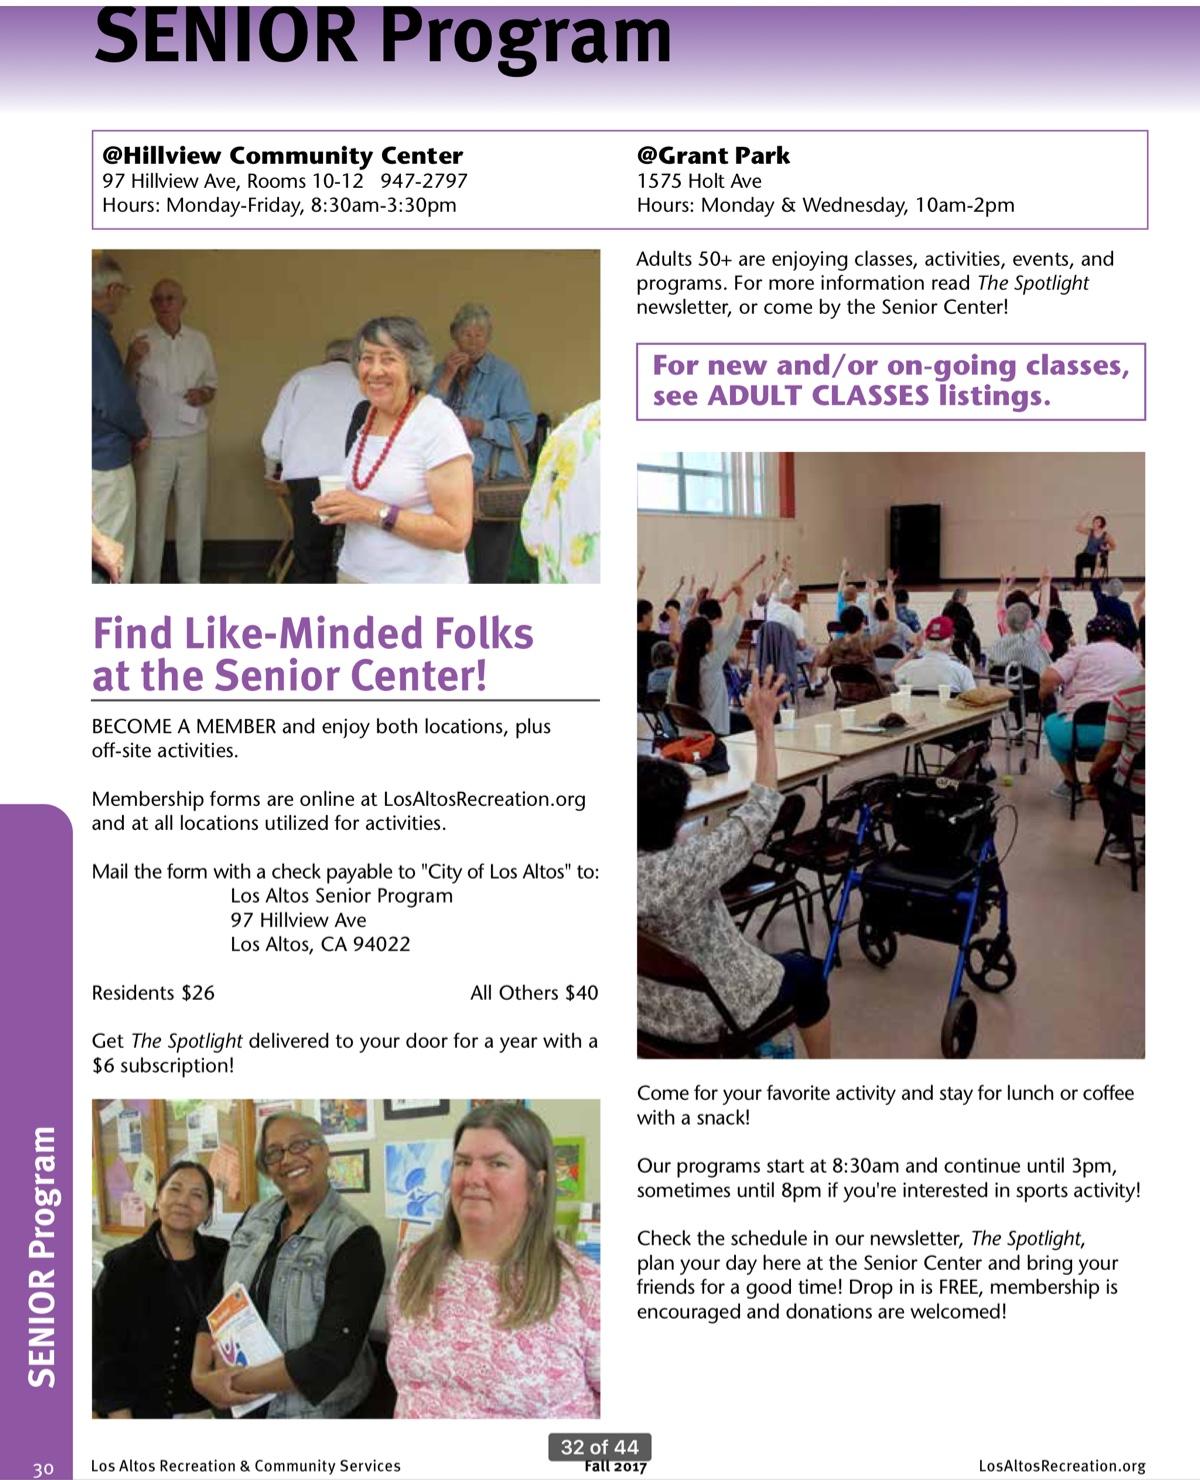 Page 30 of the City of Los Altos Recreation Brochure